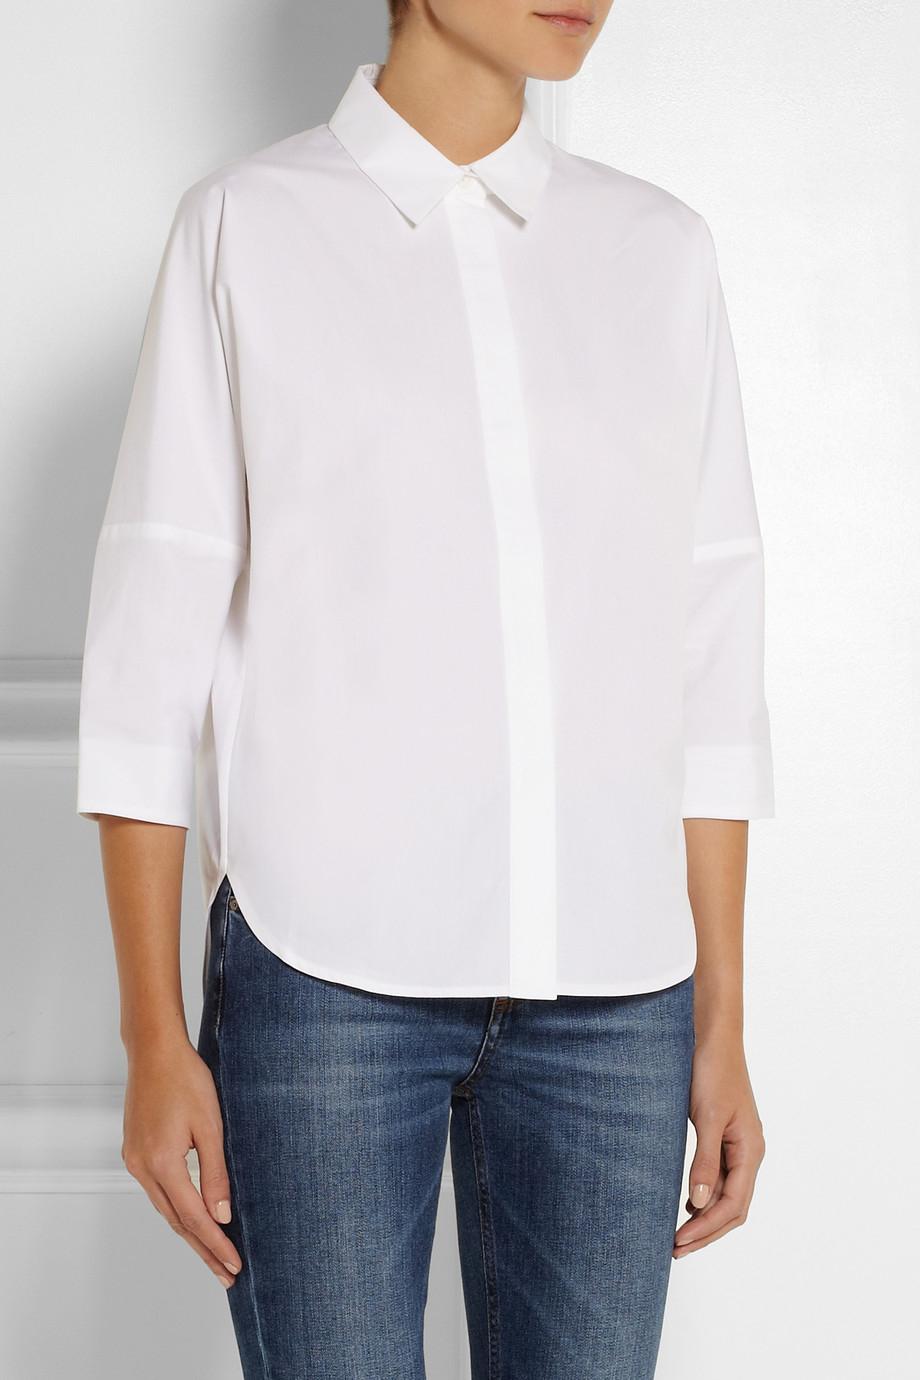 Lyst Victoria Beckham Oversized Cotton Shirt In White